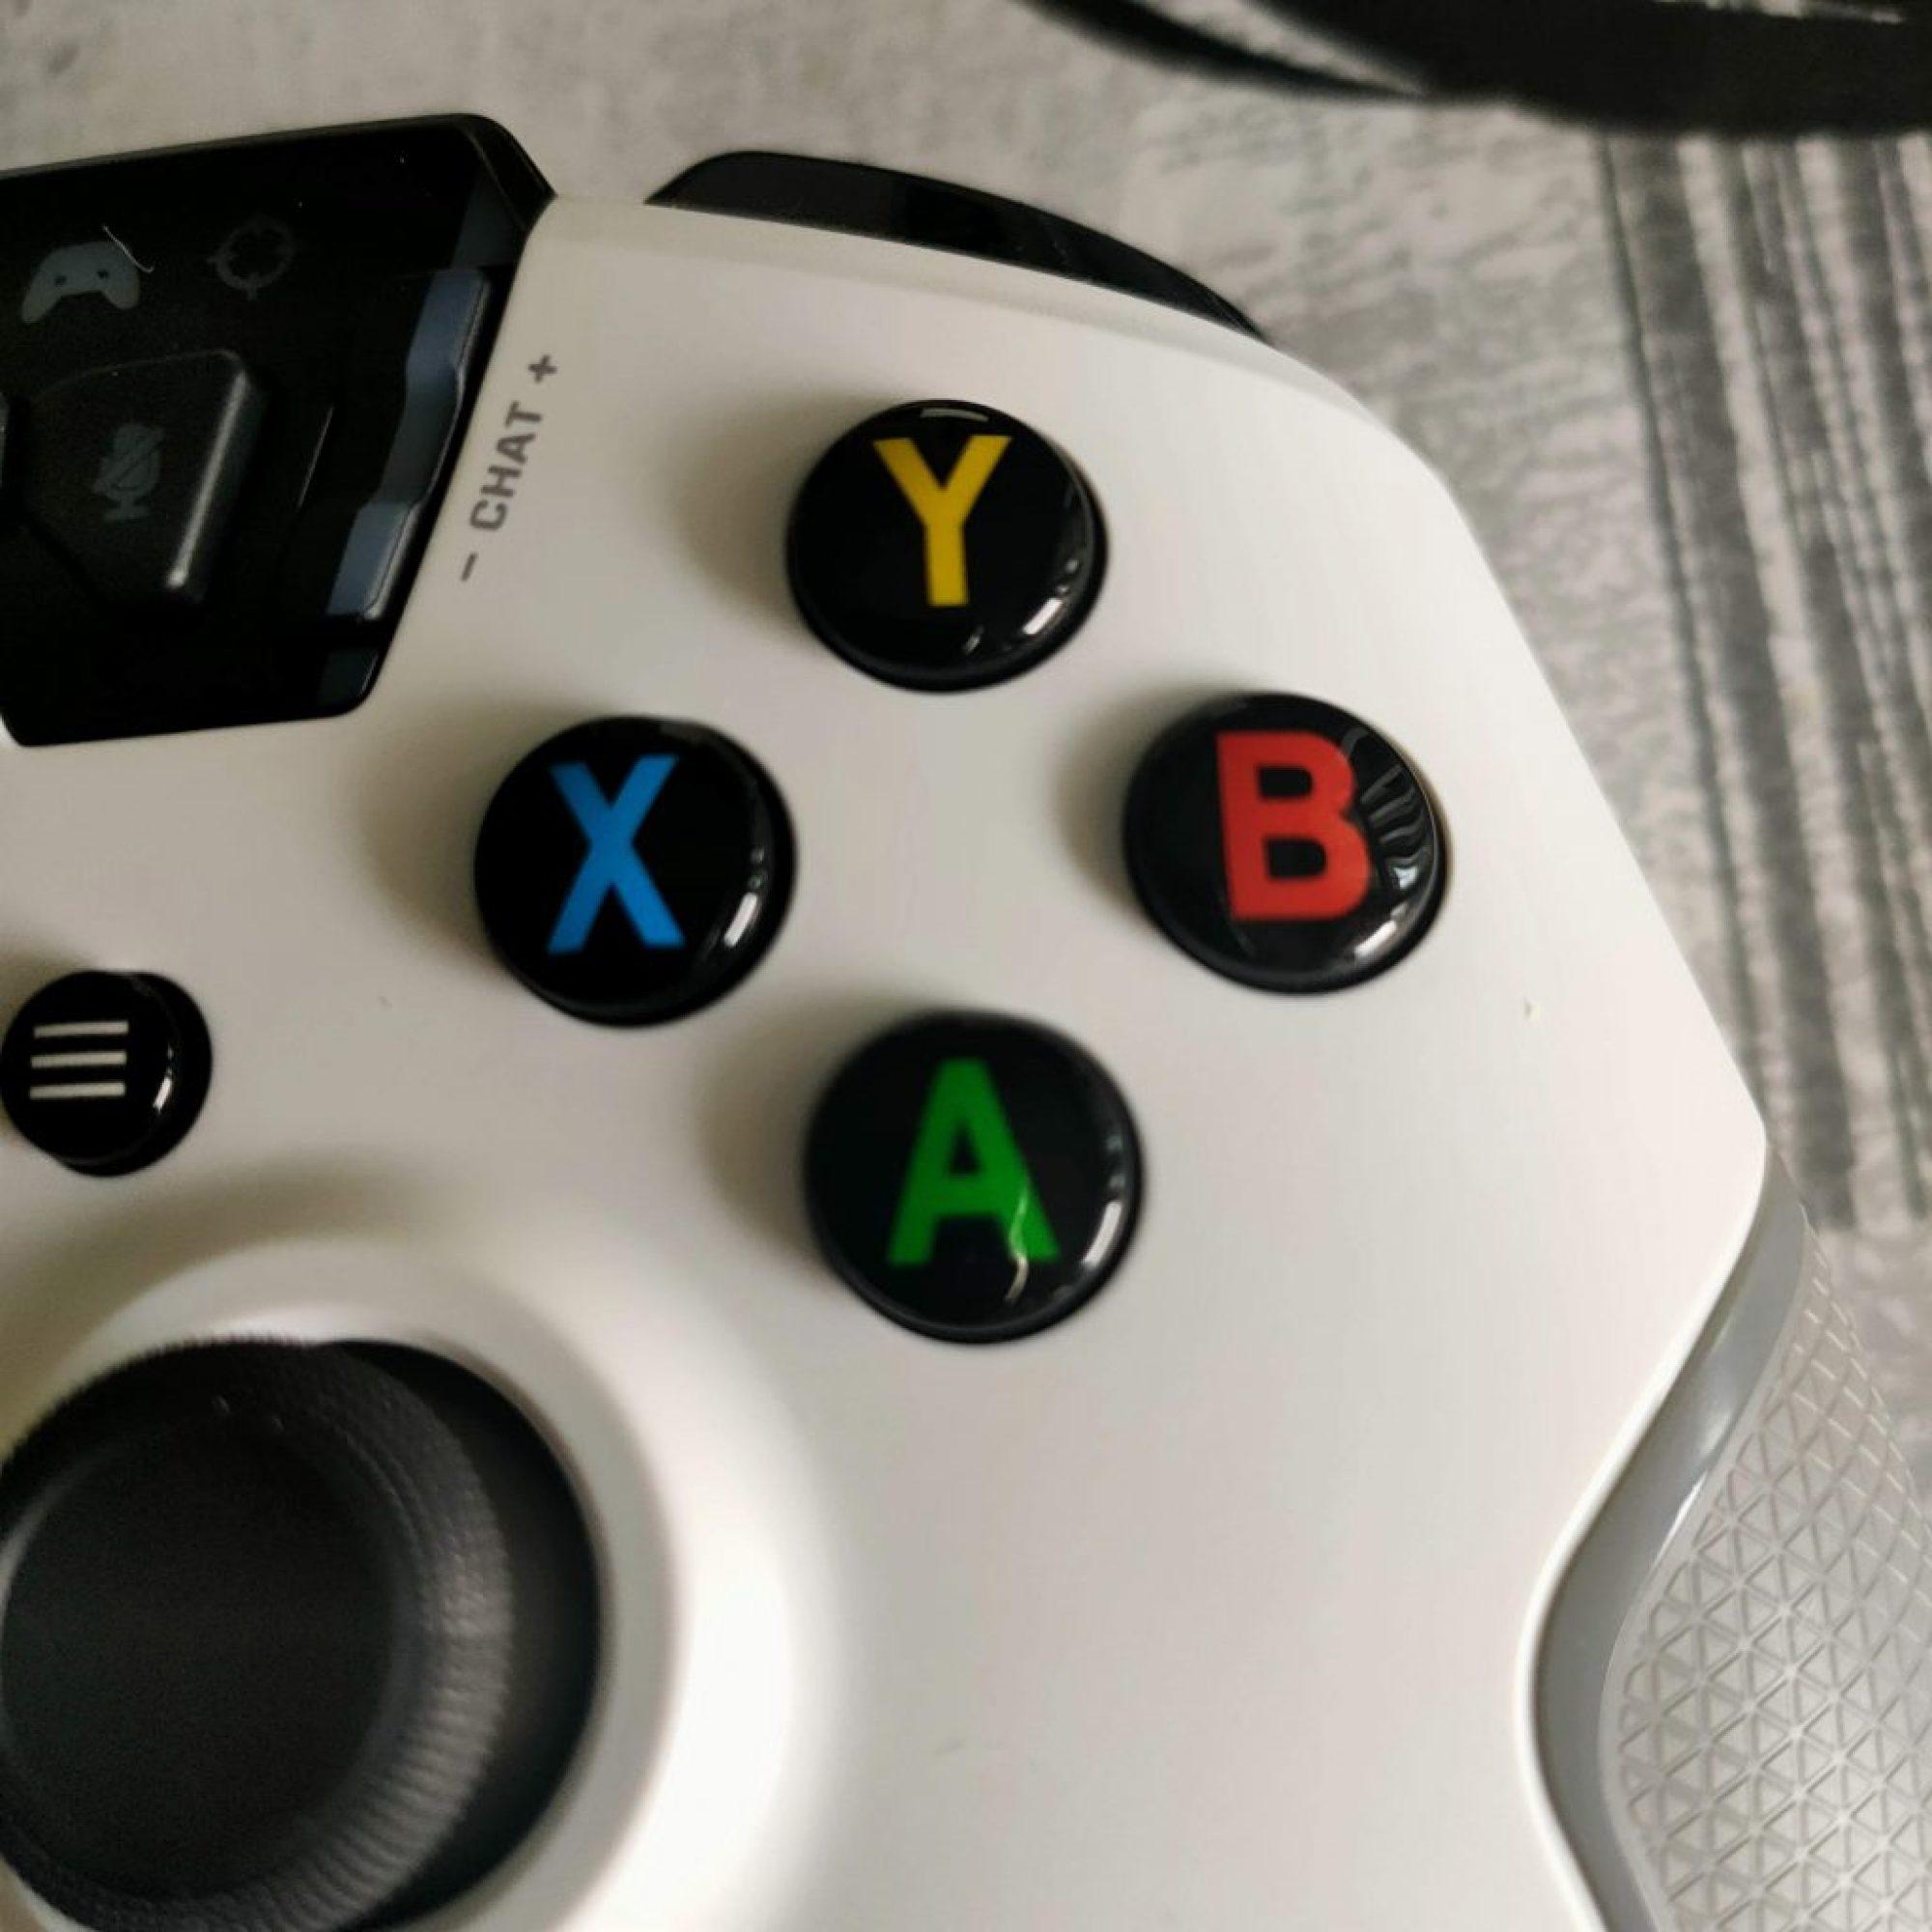 IMG20210902083836-1024x1024 Présentation de la manette Recon Controller de Turtle beach pour Xbox !